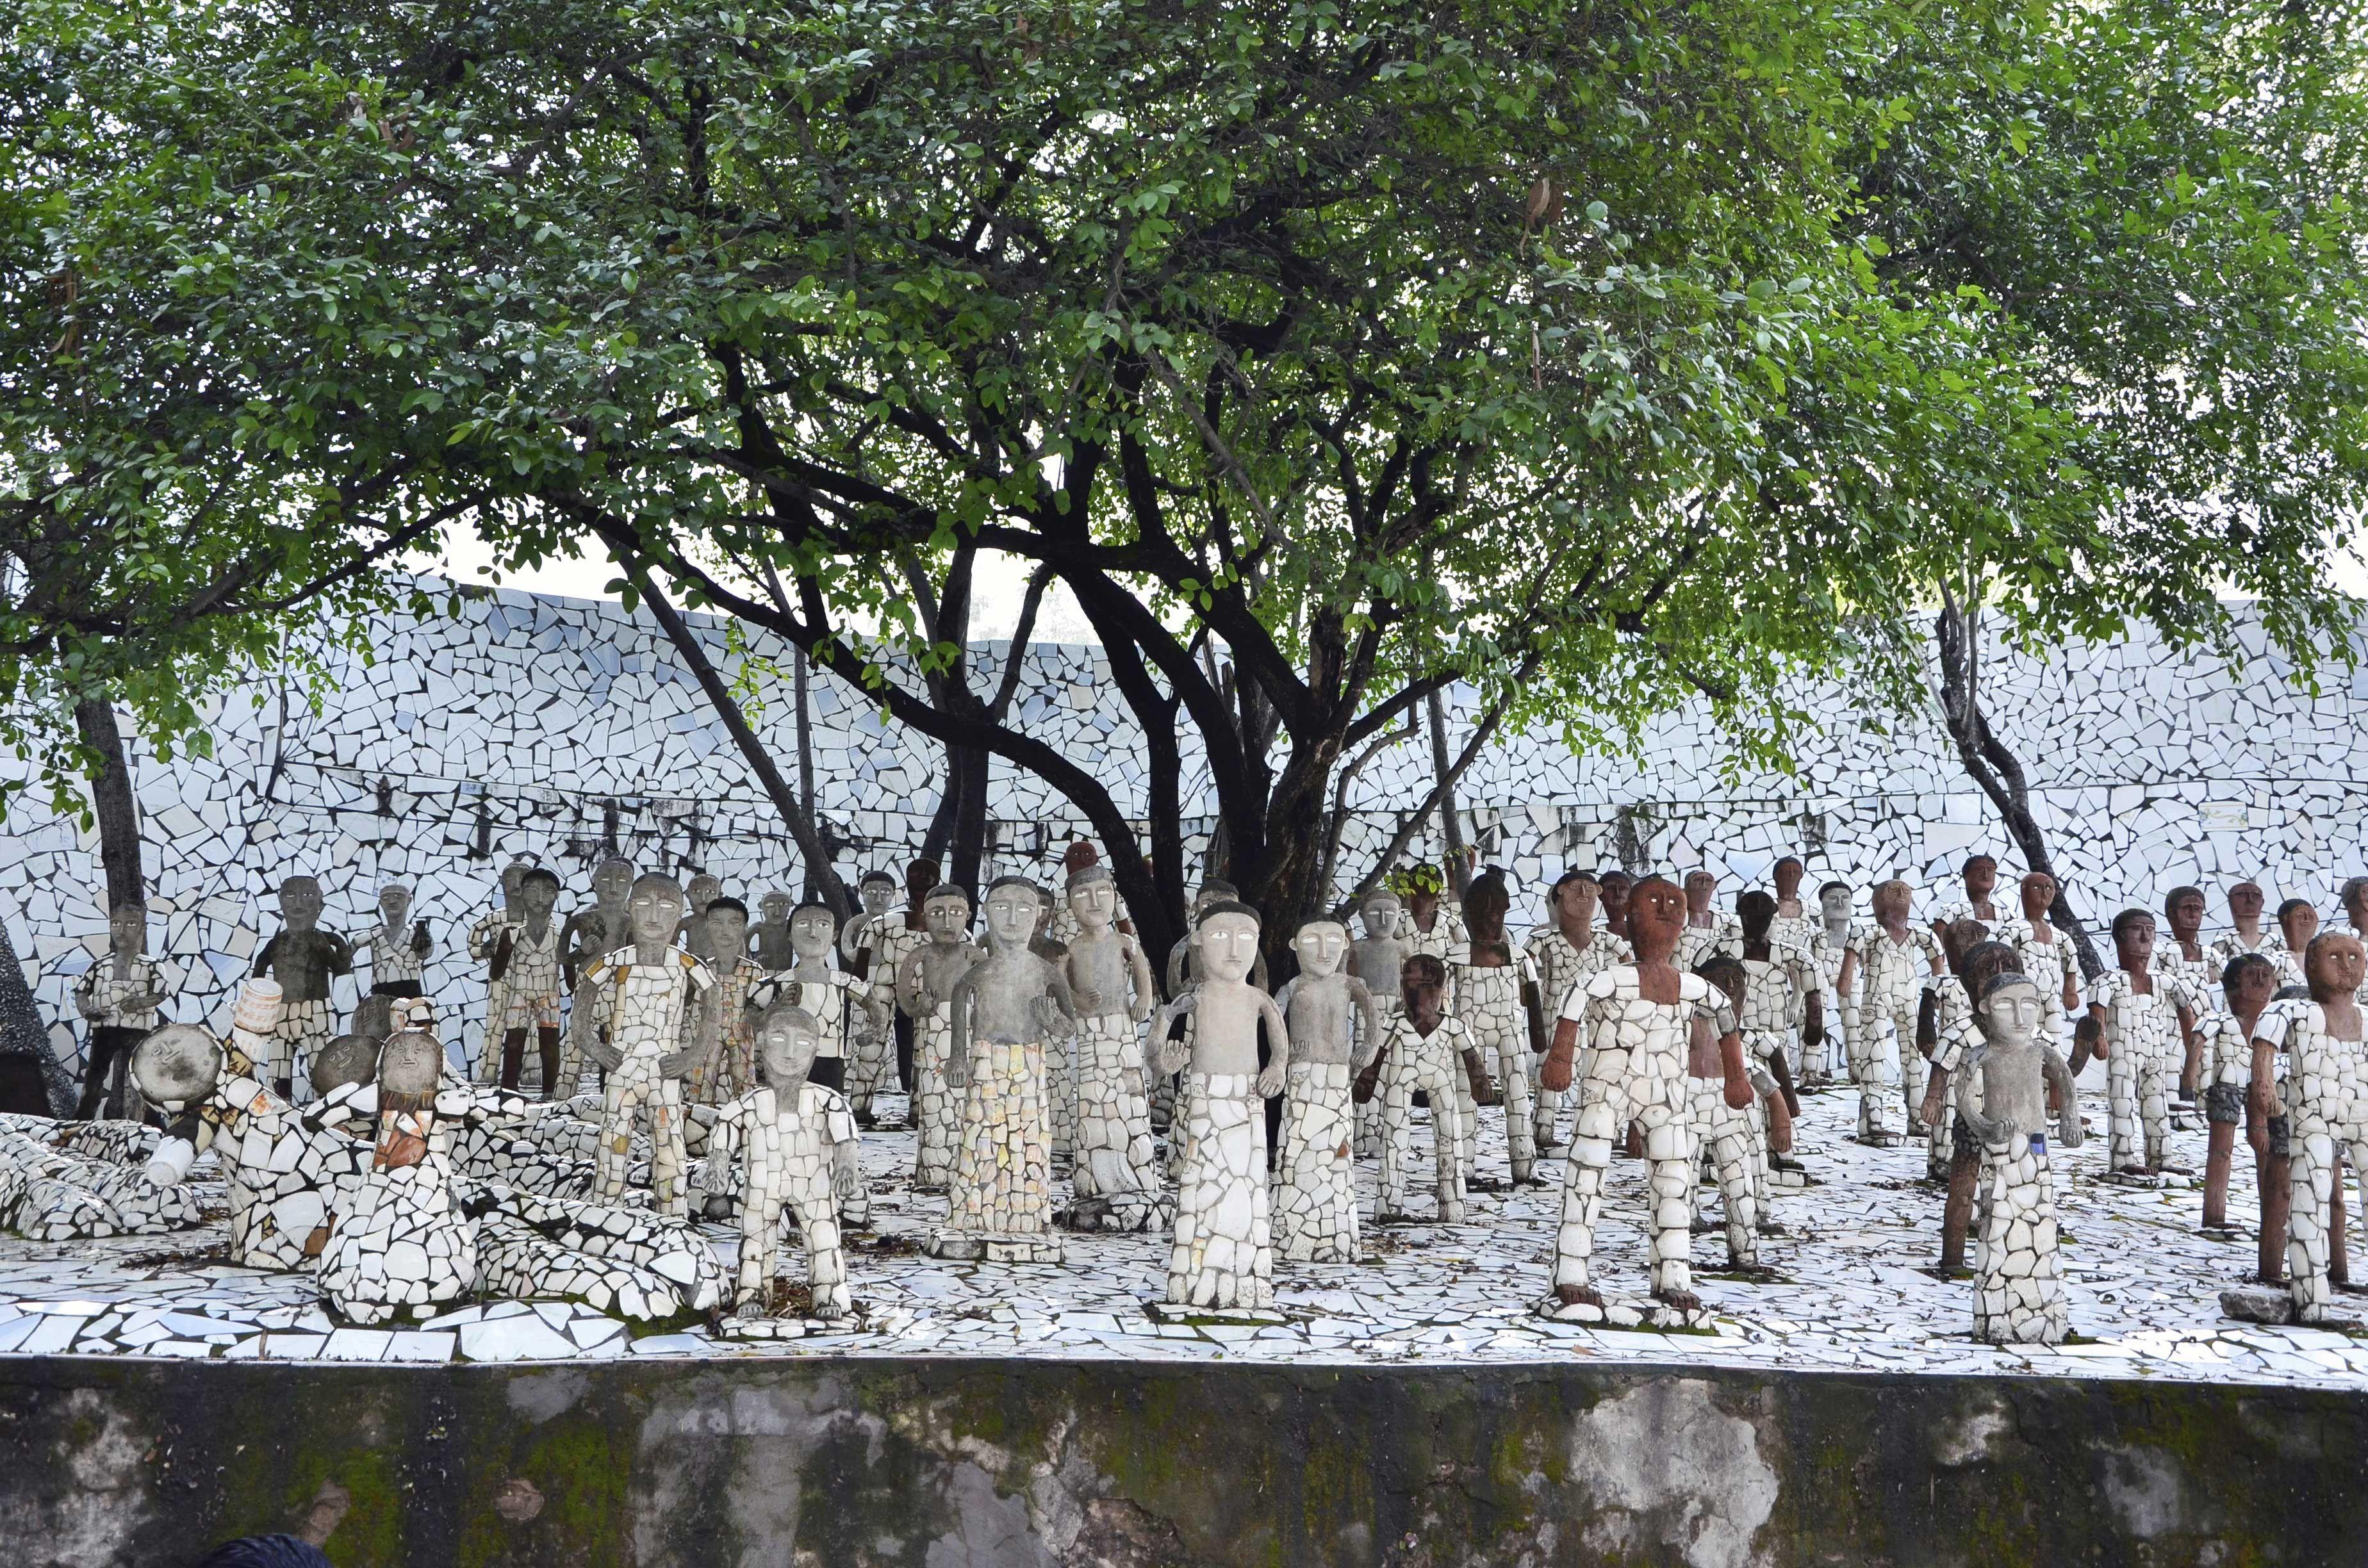 Giardino di pietra tradizionale giapponese a kyoto in giappone